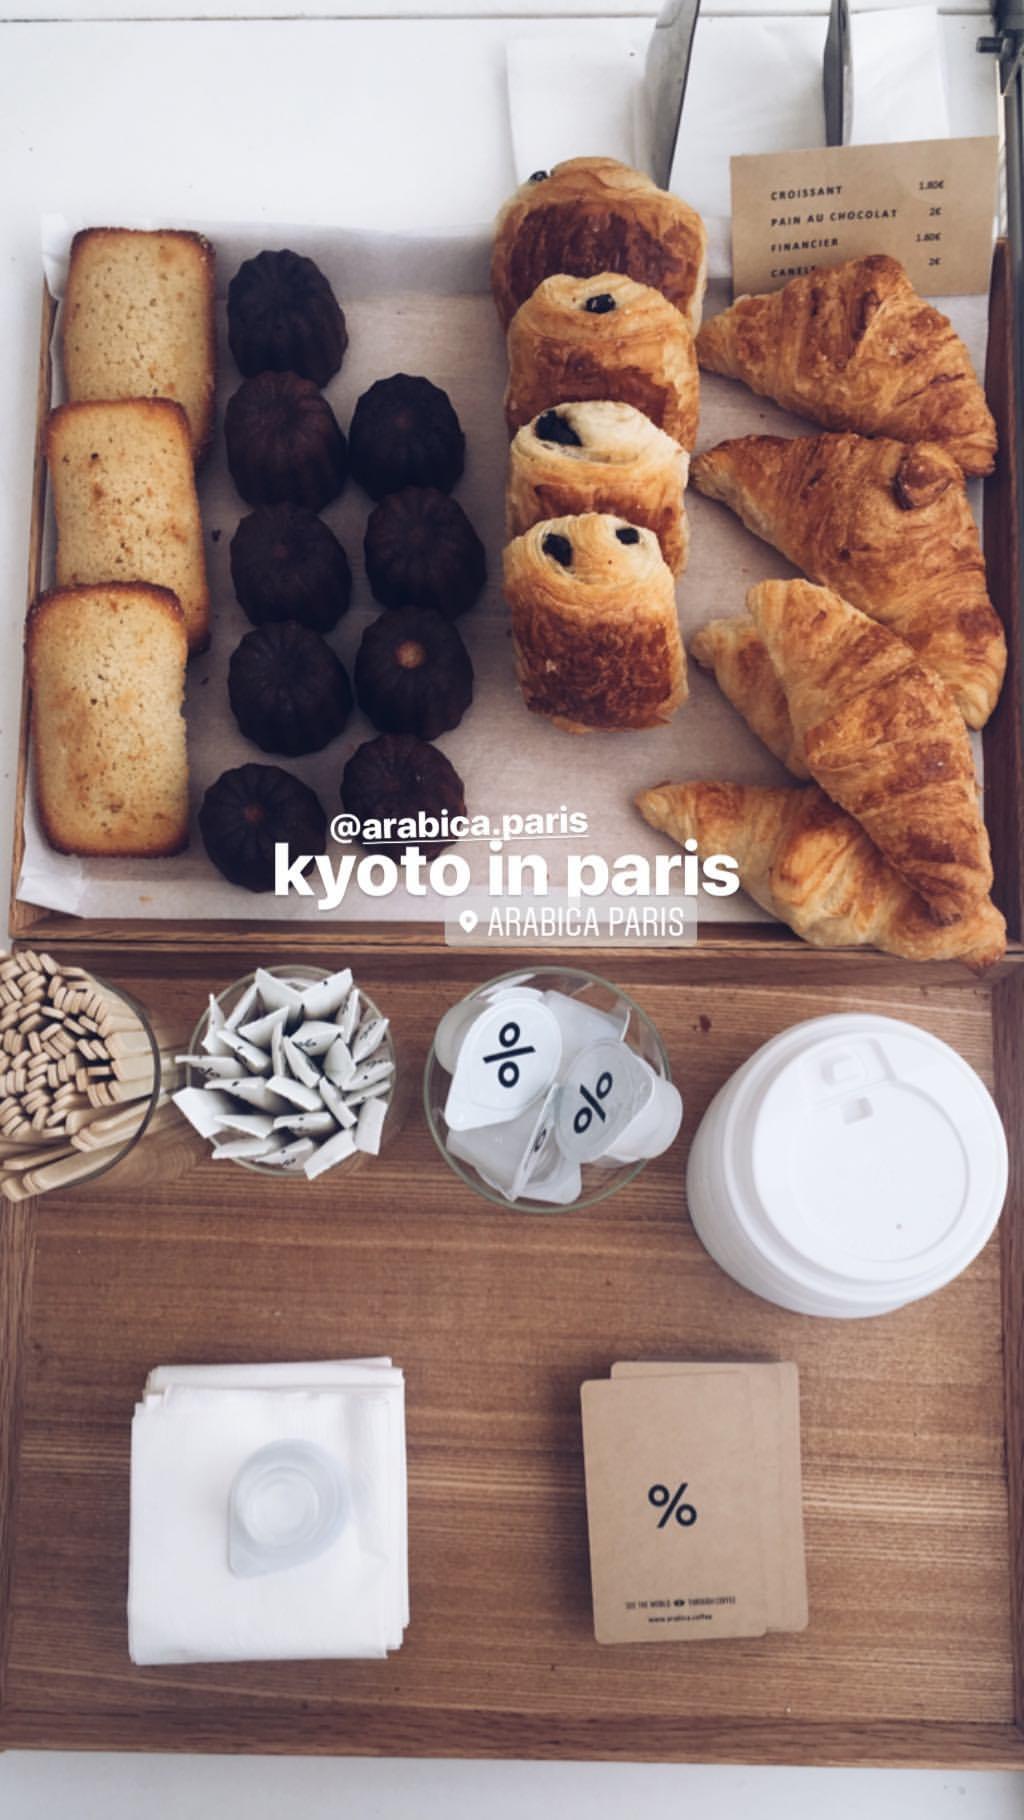 PARIS-FOOD-ARABICA-COFFEE-06.jpg